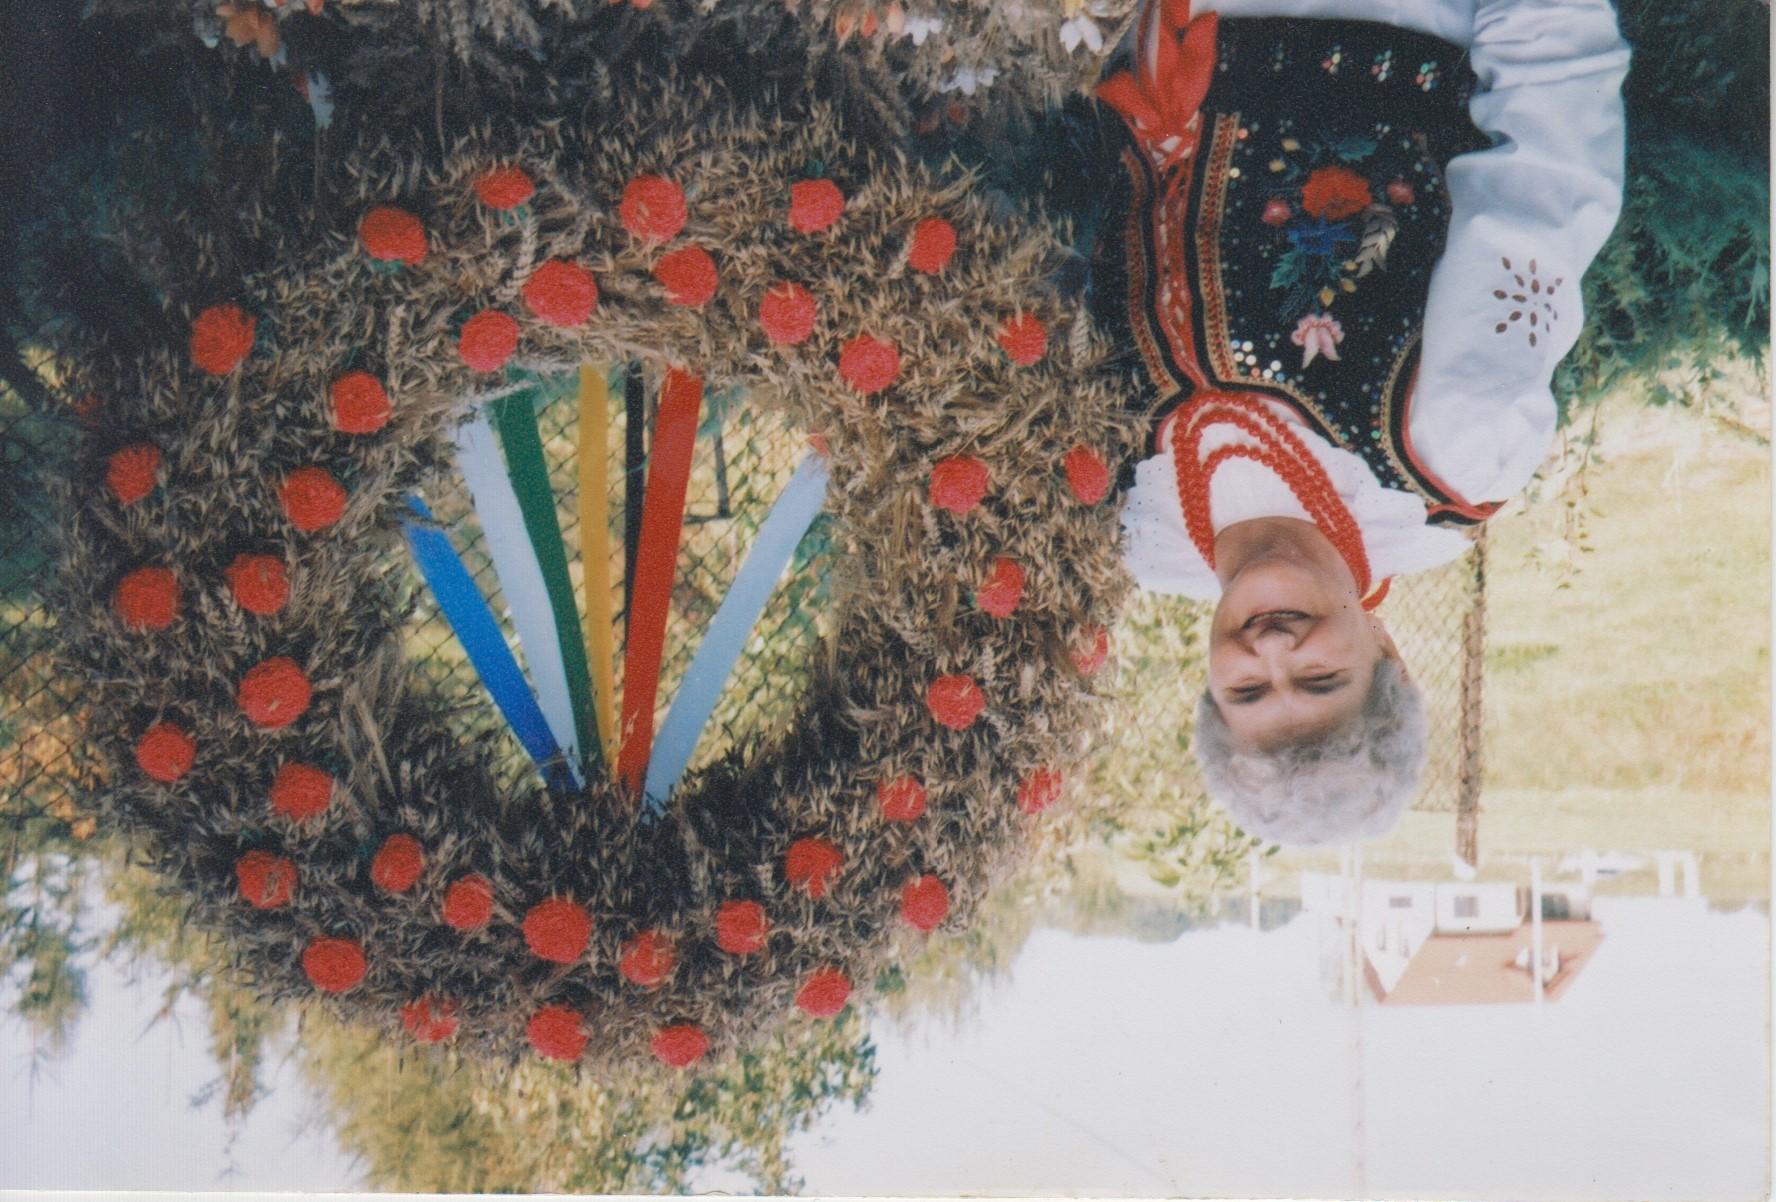 Archiwum Gminy Andrychów z wizytą w Inwałdzie